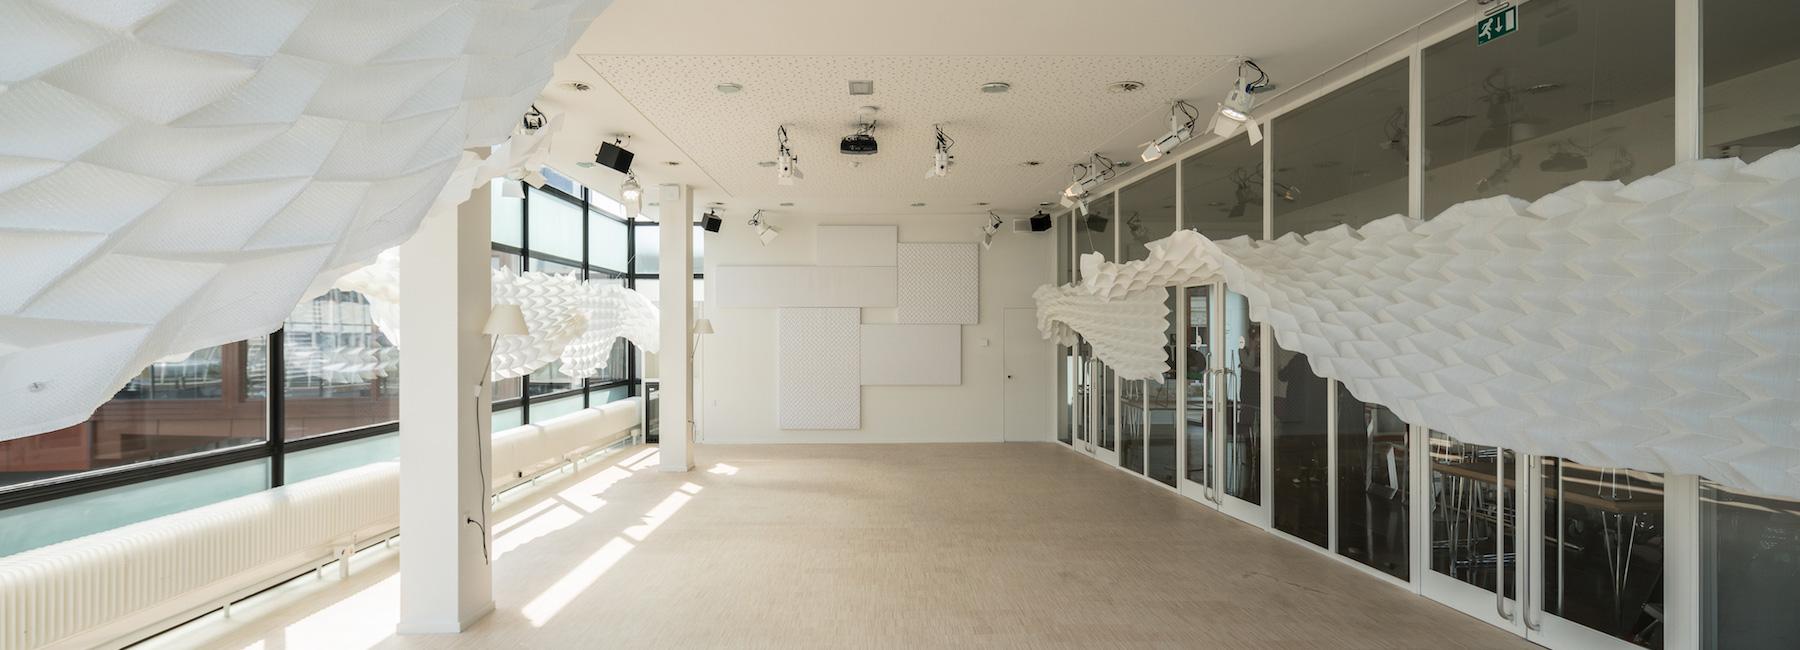 ساخت فضاهای کاری پربار با استفاده از عناصر آکوستیک منسوجات سه بعدی